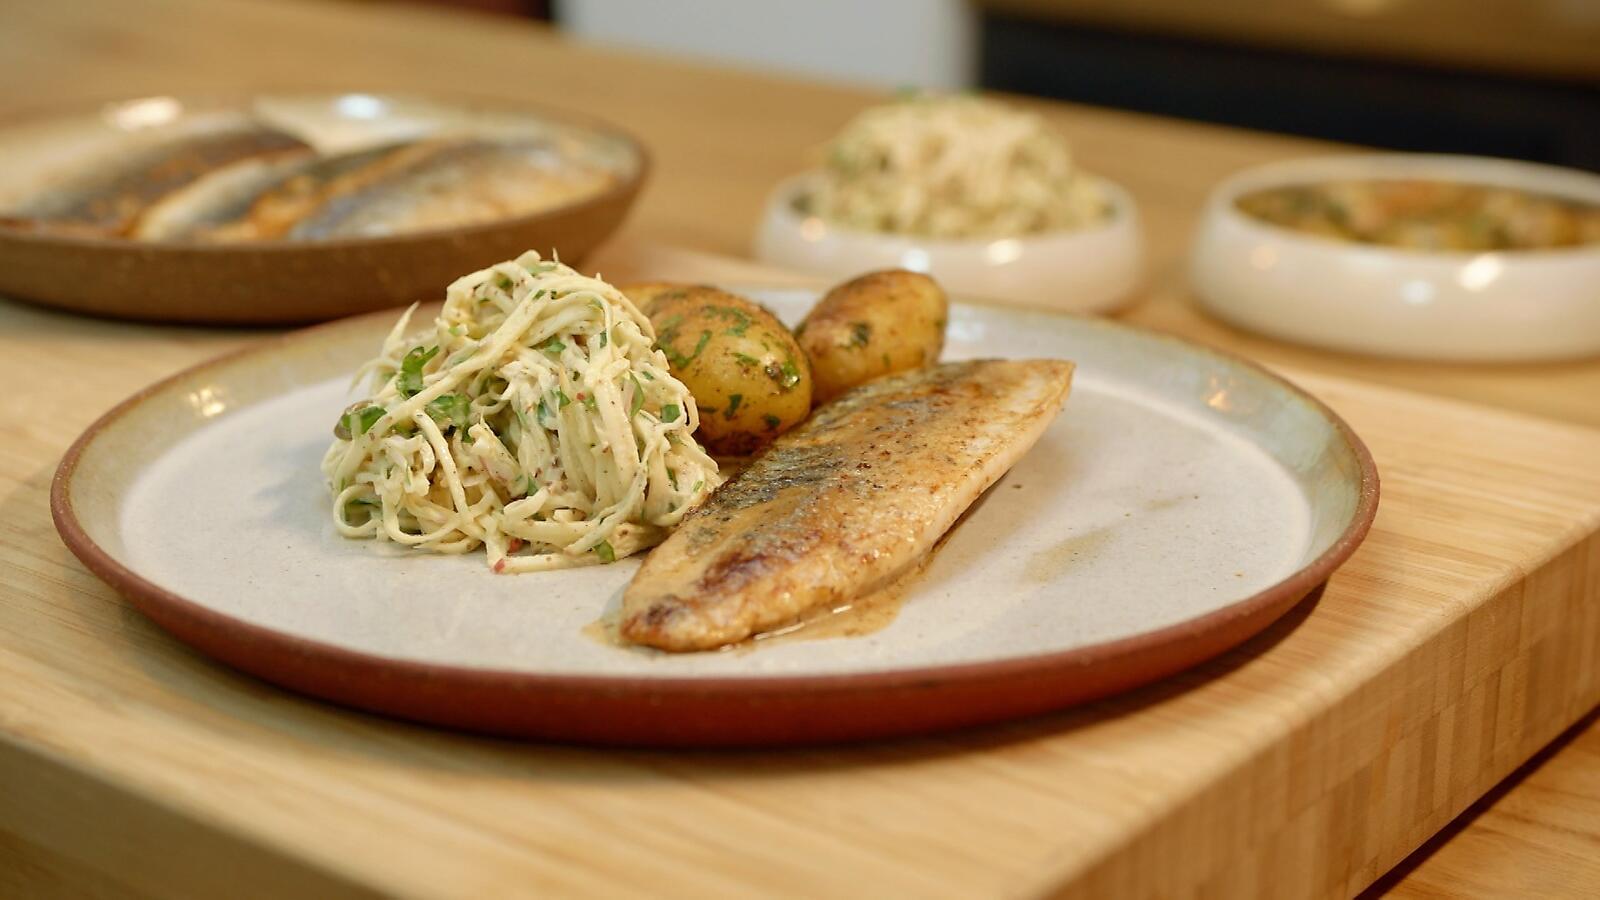 Makreel met remoulade van pastinaak en gebakken krieltjes